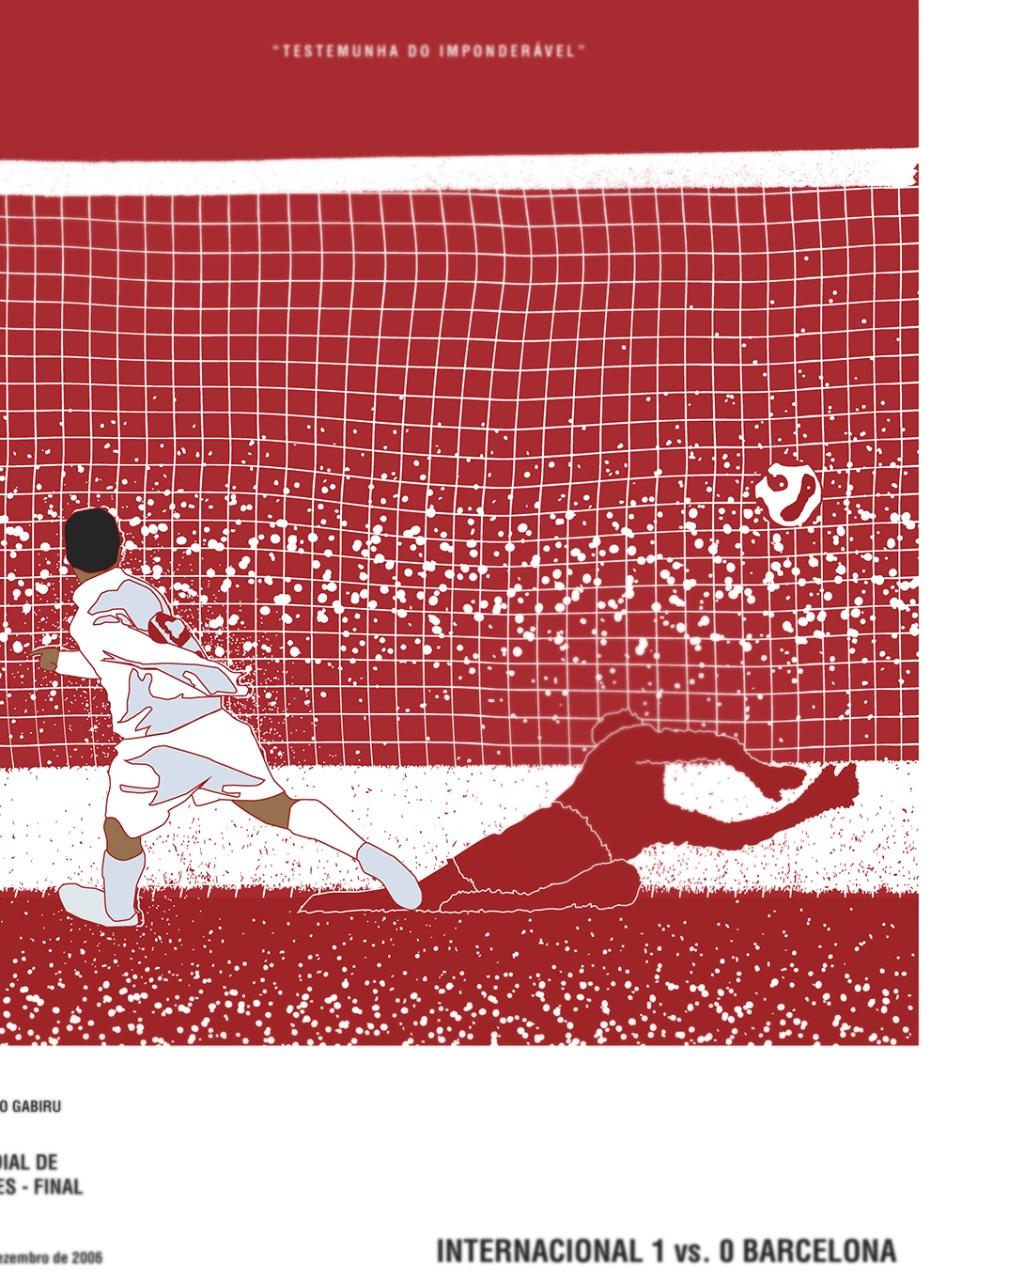 """Adriano Gabiru Mundial 2006 - """" Testemunha do Imponderável """""""